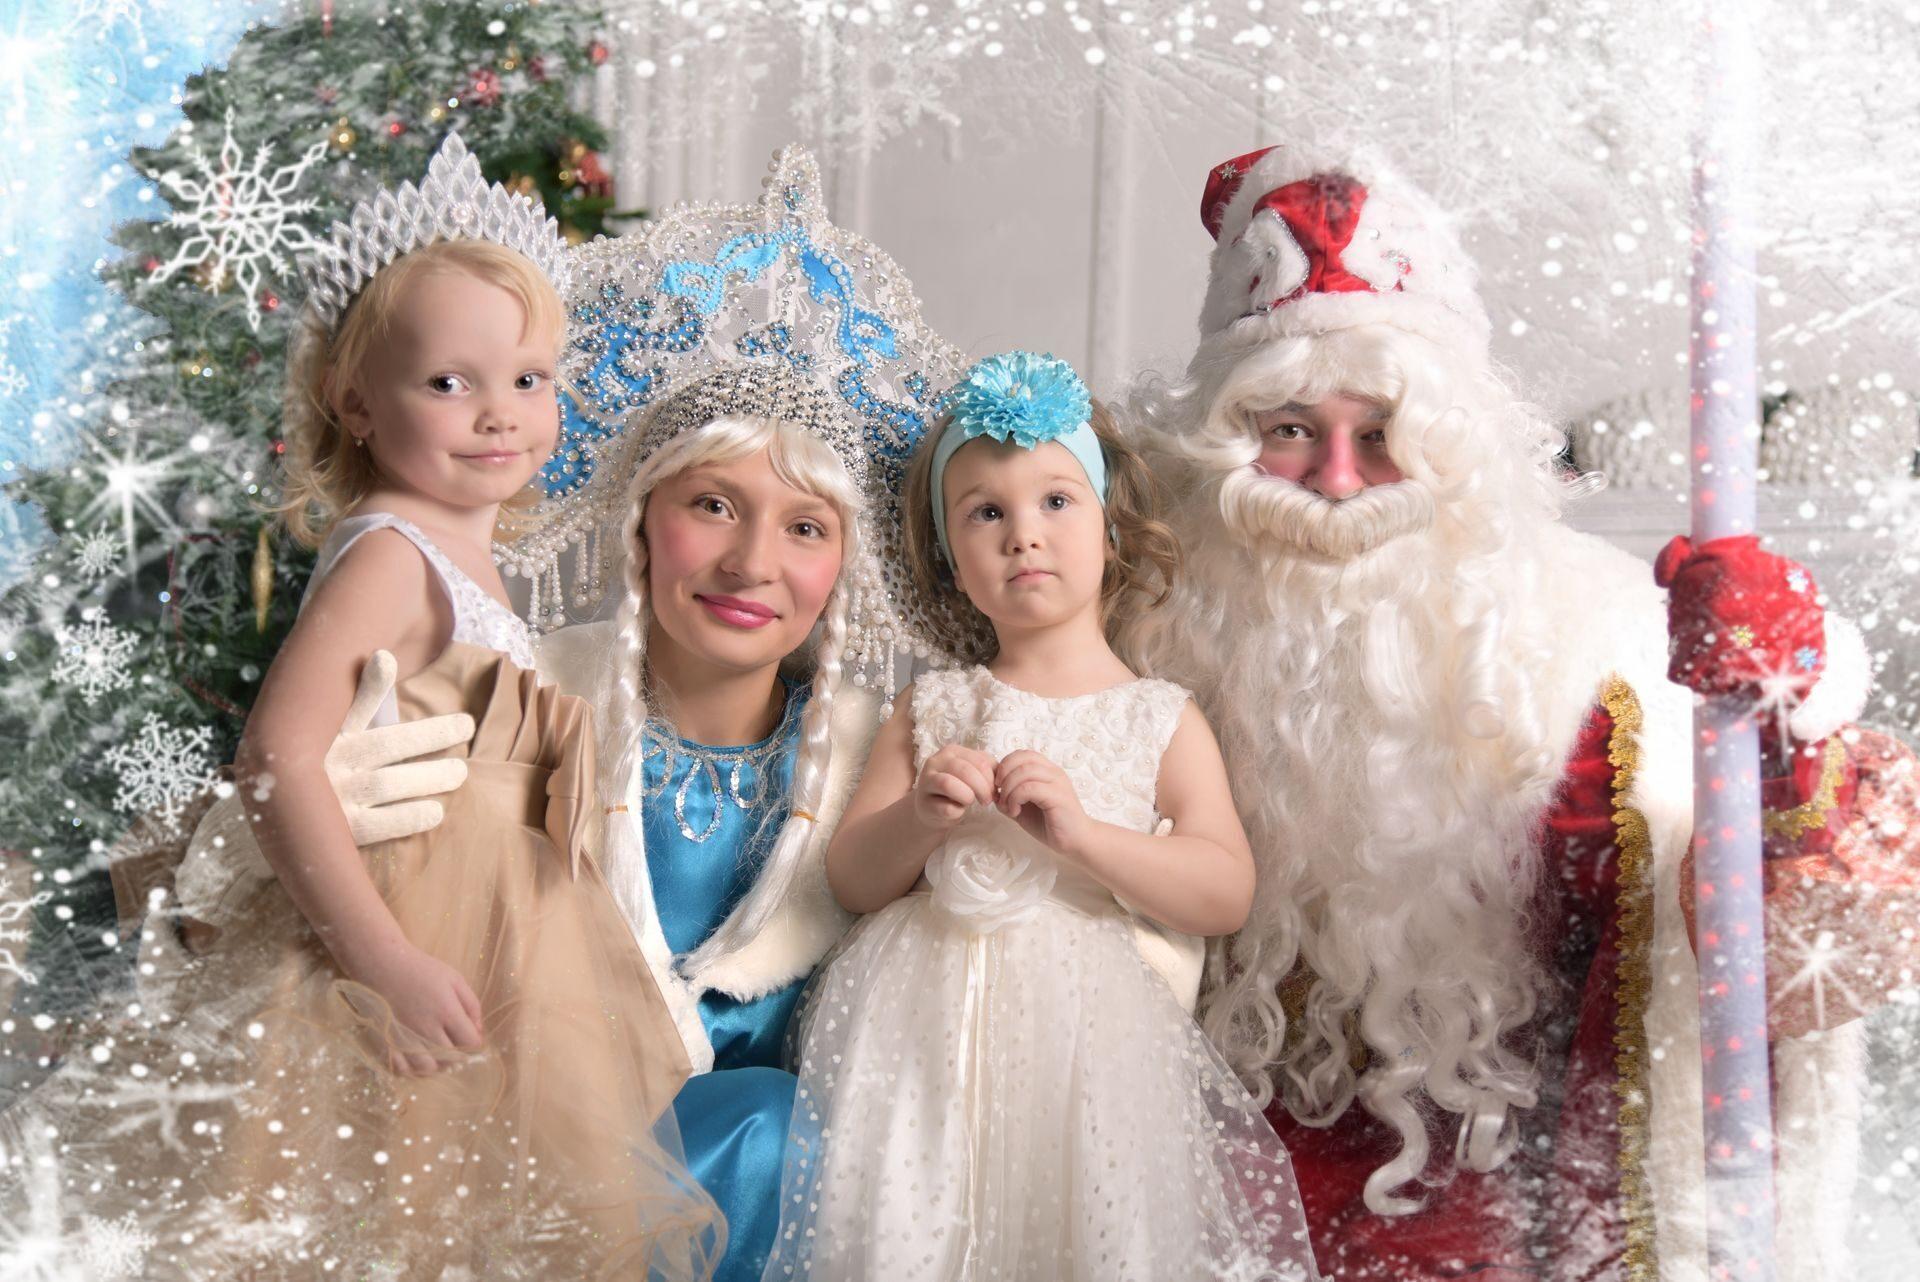 Сценарий на новый год снегурочки и деда мороза для взрослых